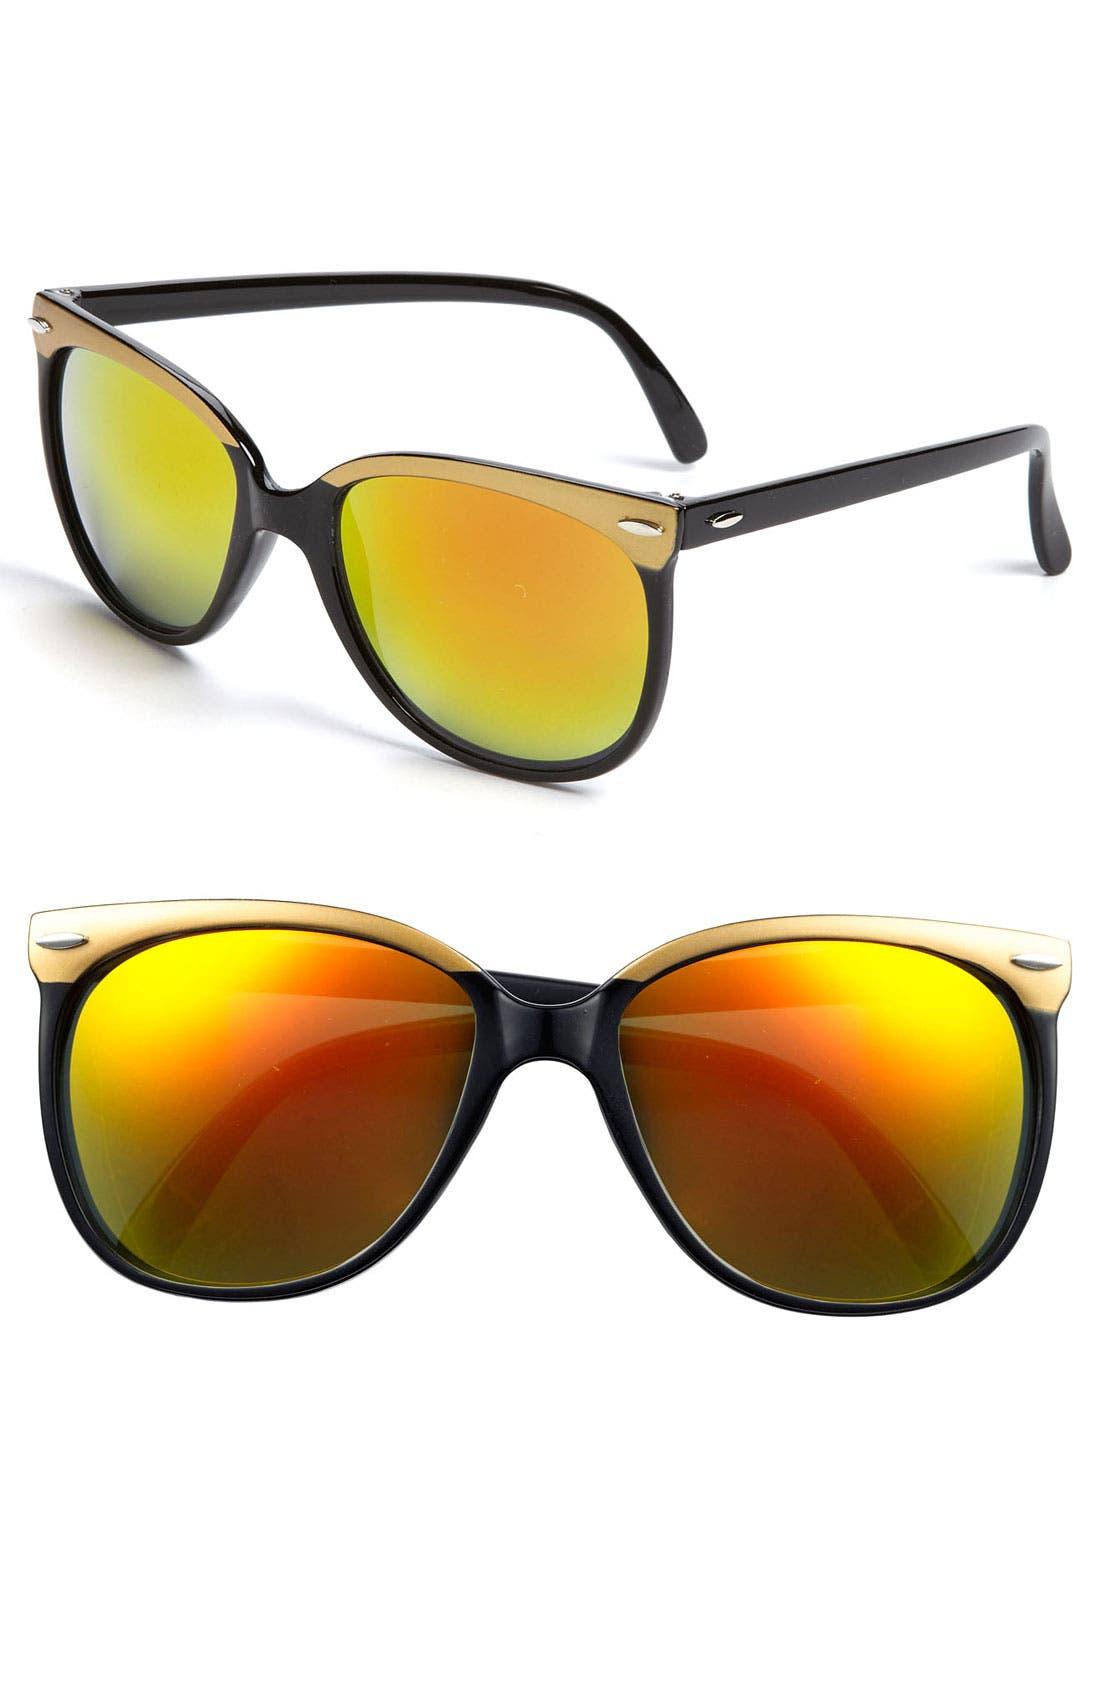 Main Image - BP. Mirrored Retro Sunglasses